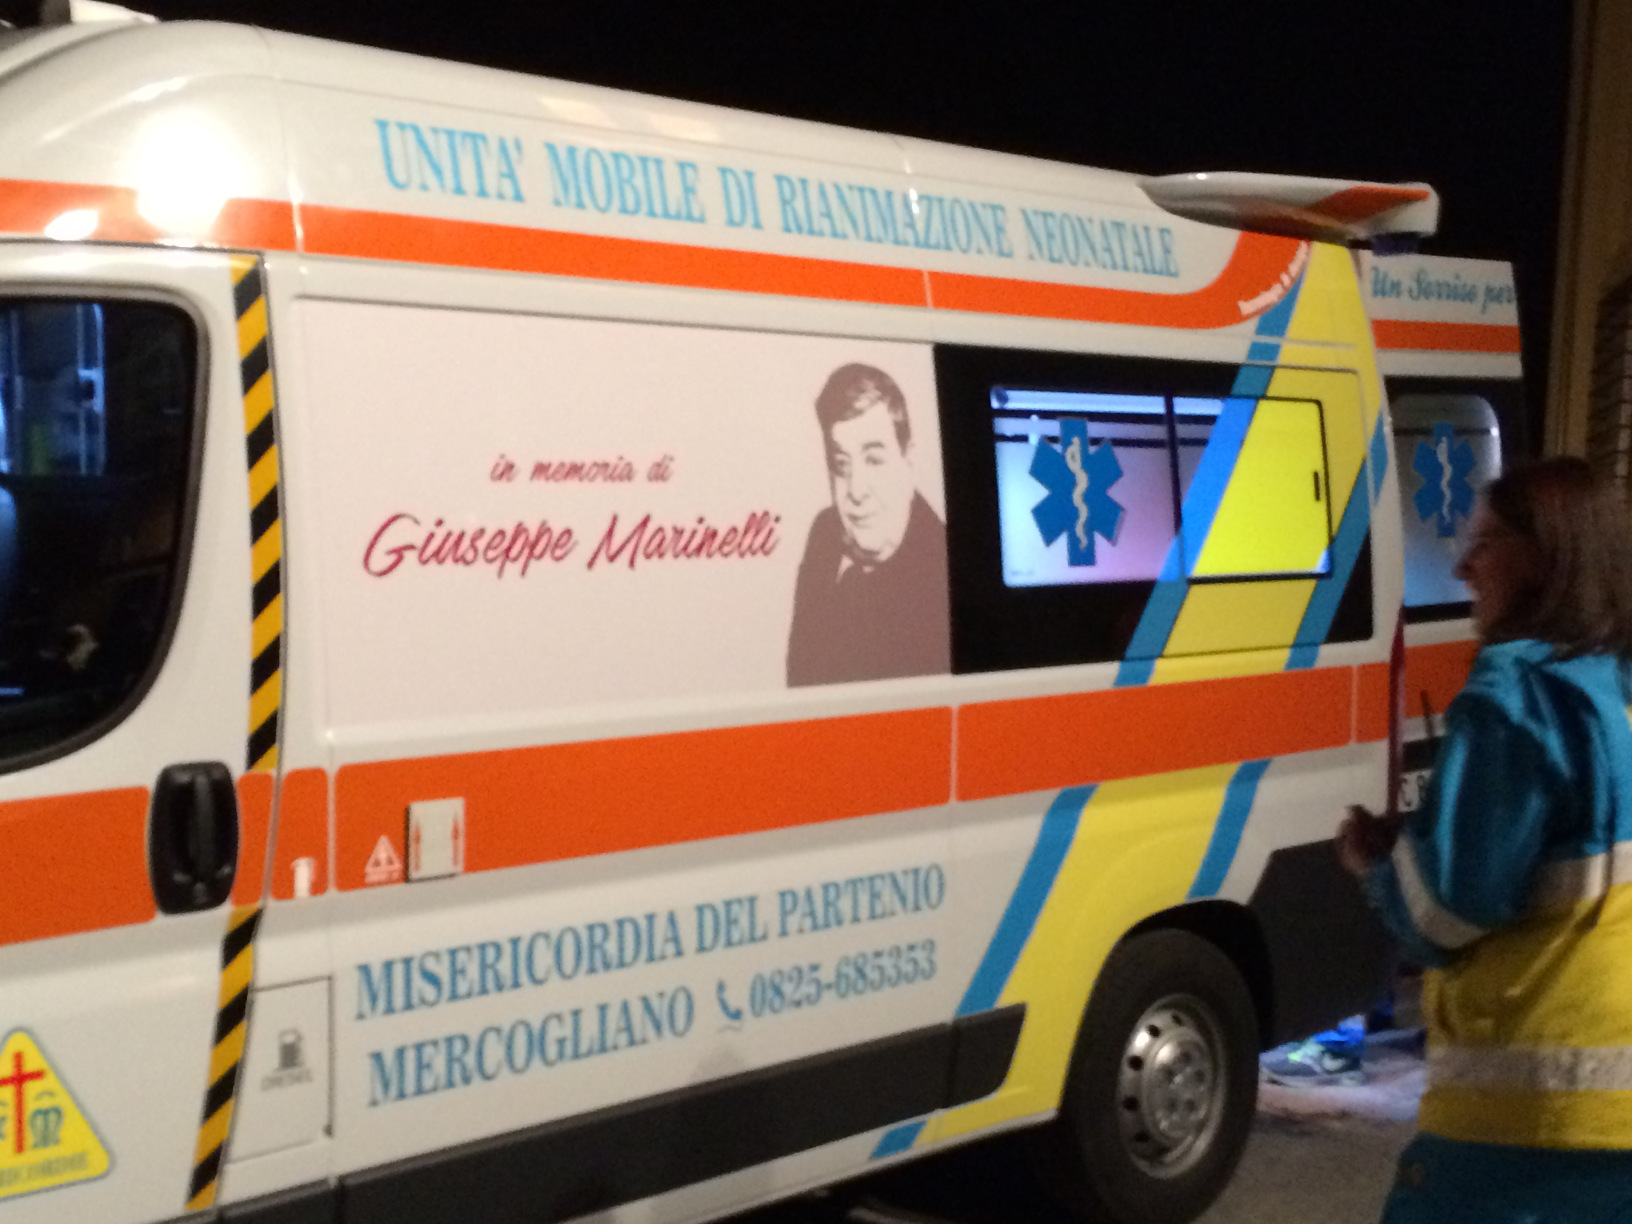 Inaugurata l'ambulanza neonatale donata dalla Fondazione Giuseppe Marinelli